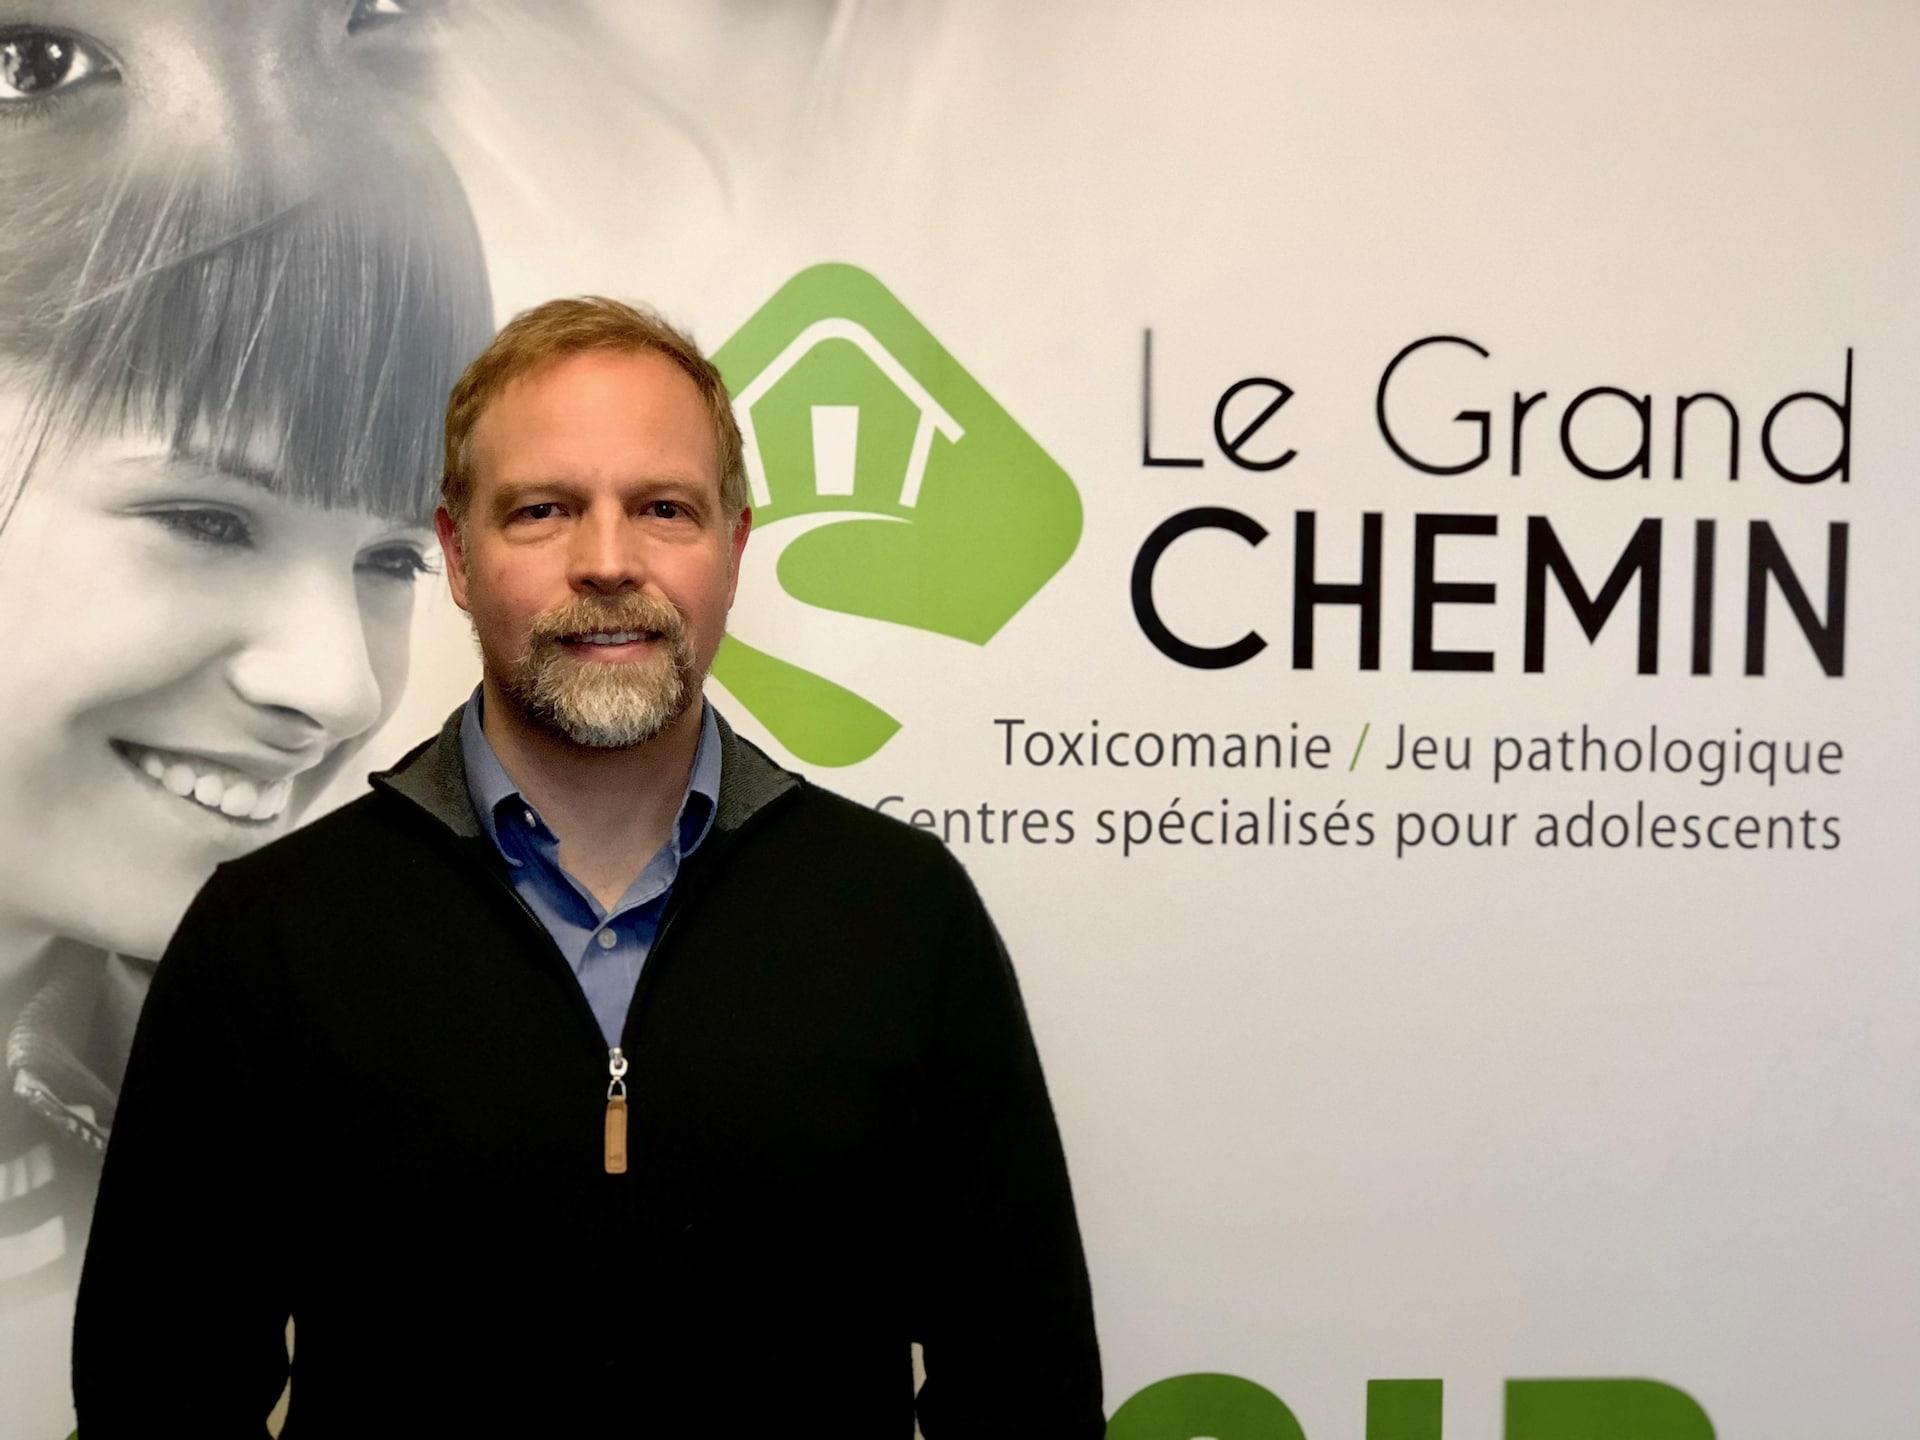 Miguel Therriault pose devant une affiche du centre.